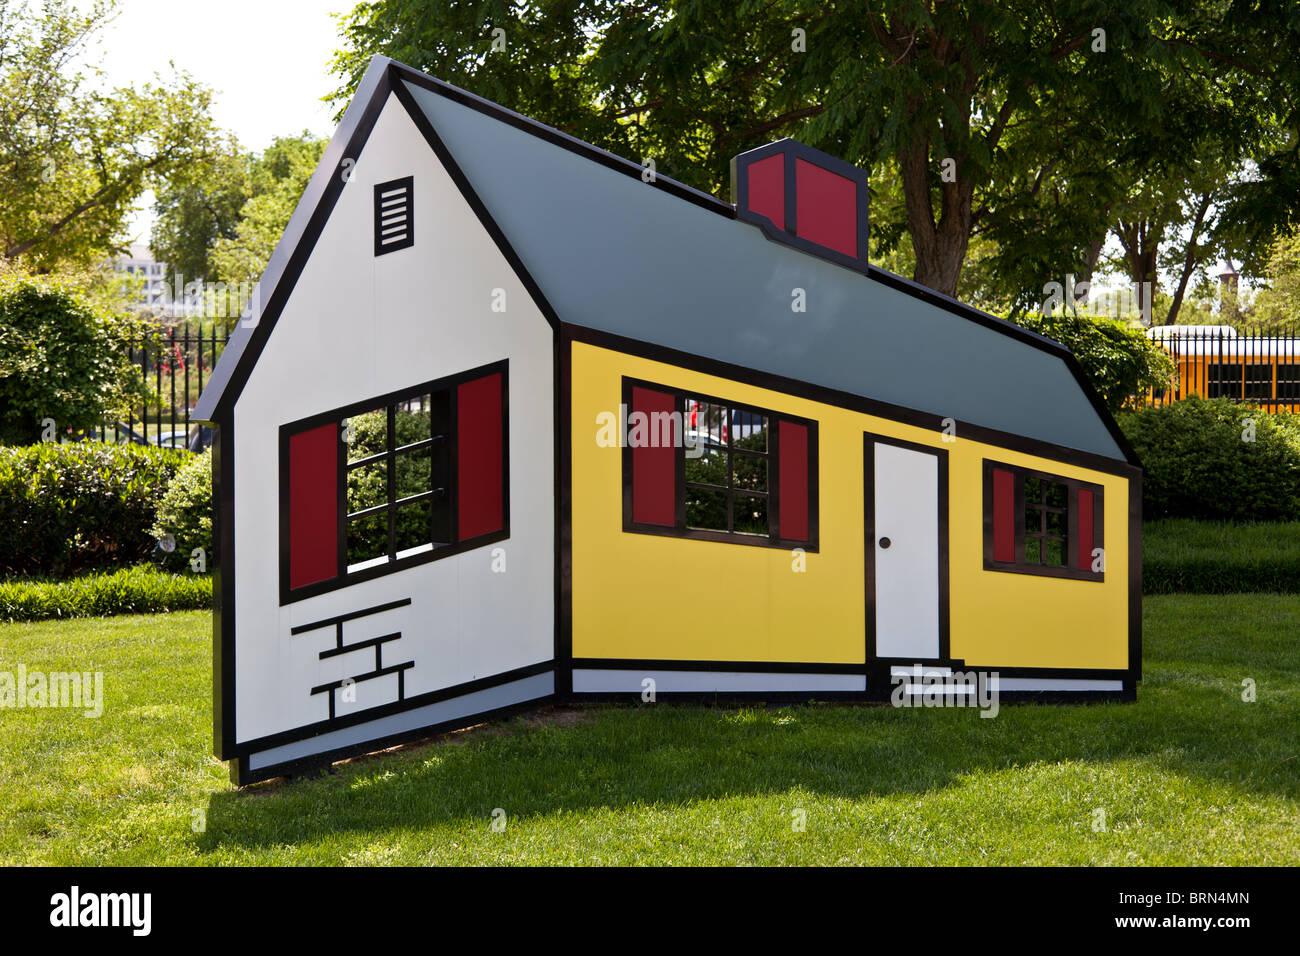 House 1 by Roy Lichtenstein in National Gallery of Art Sculpture ...